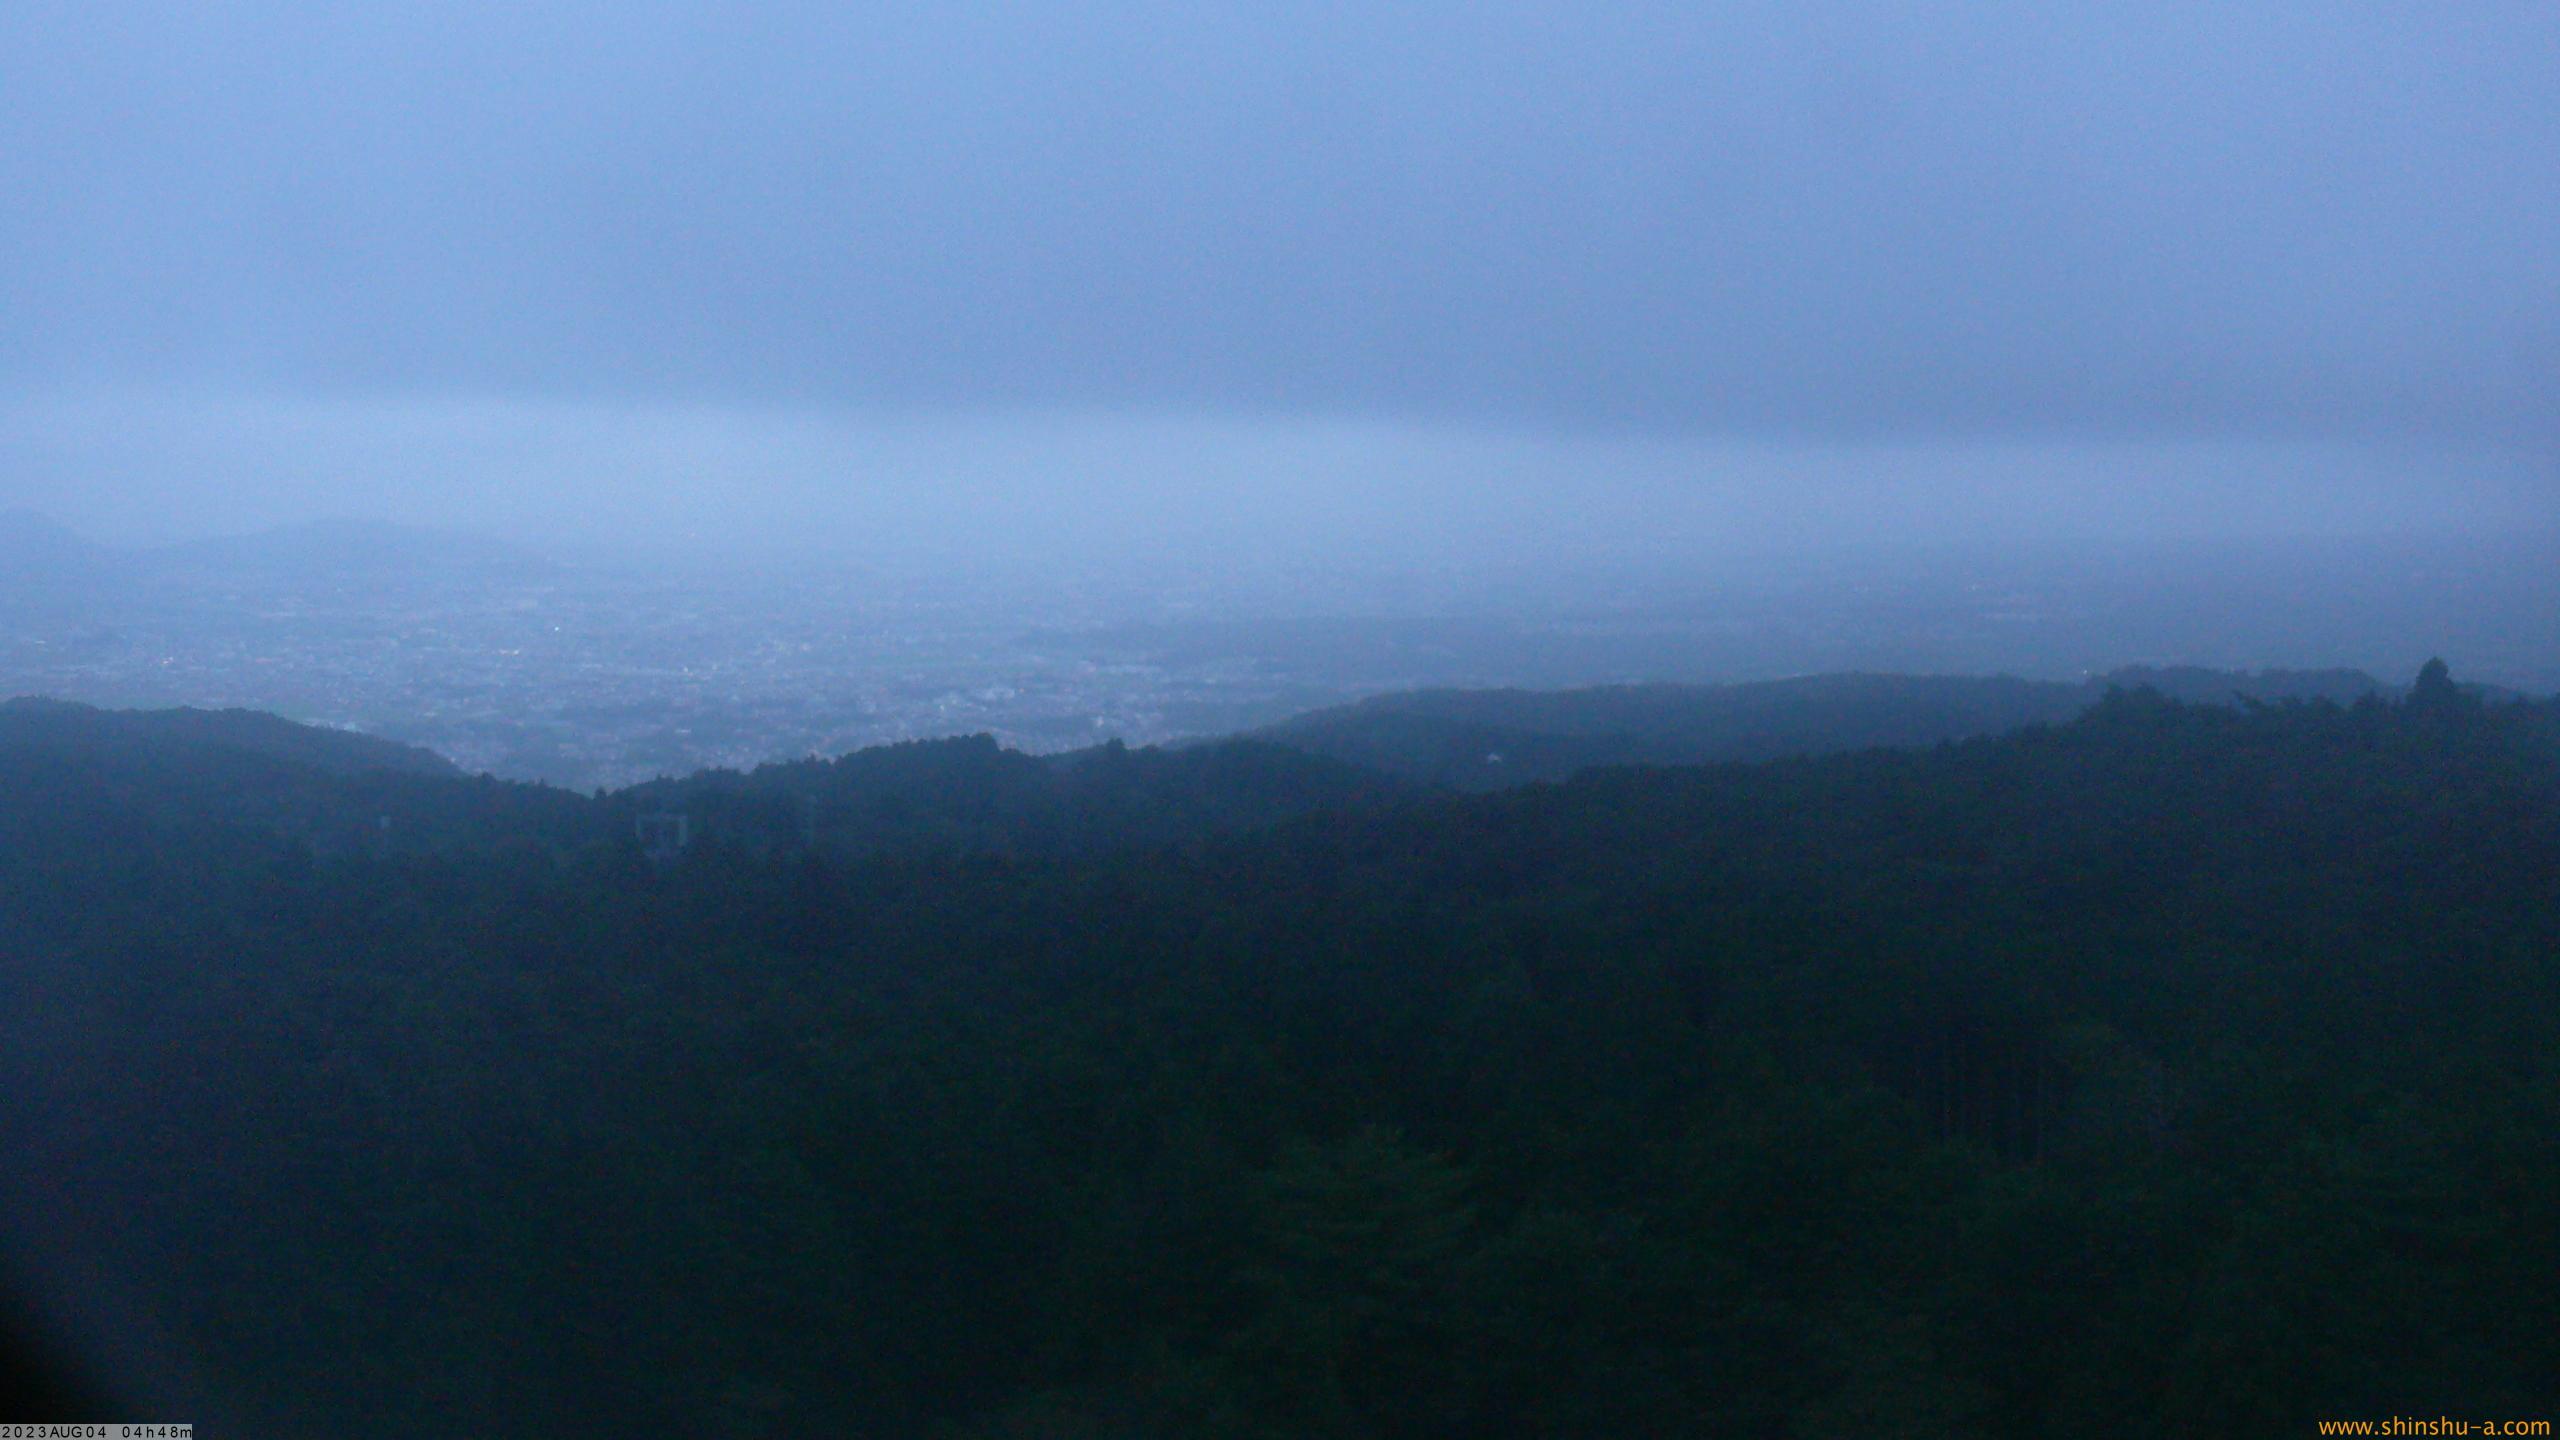 パノラミック富士山 ライブ画像